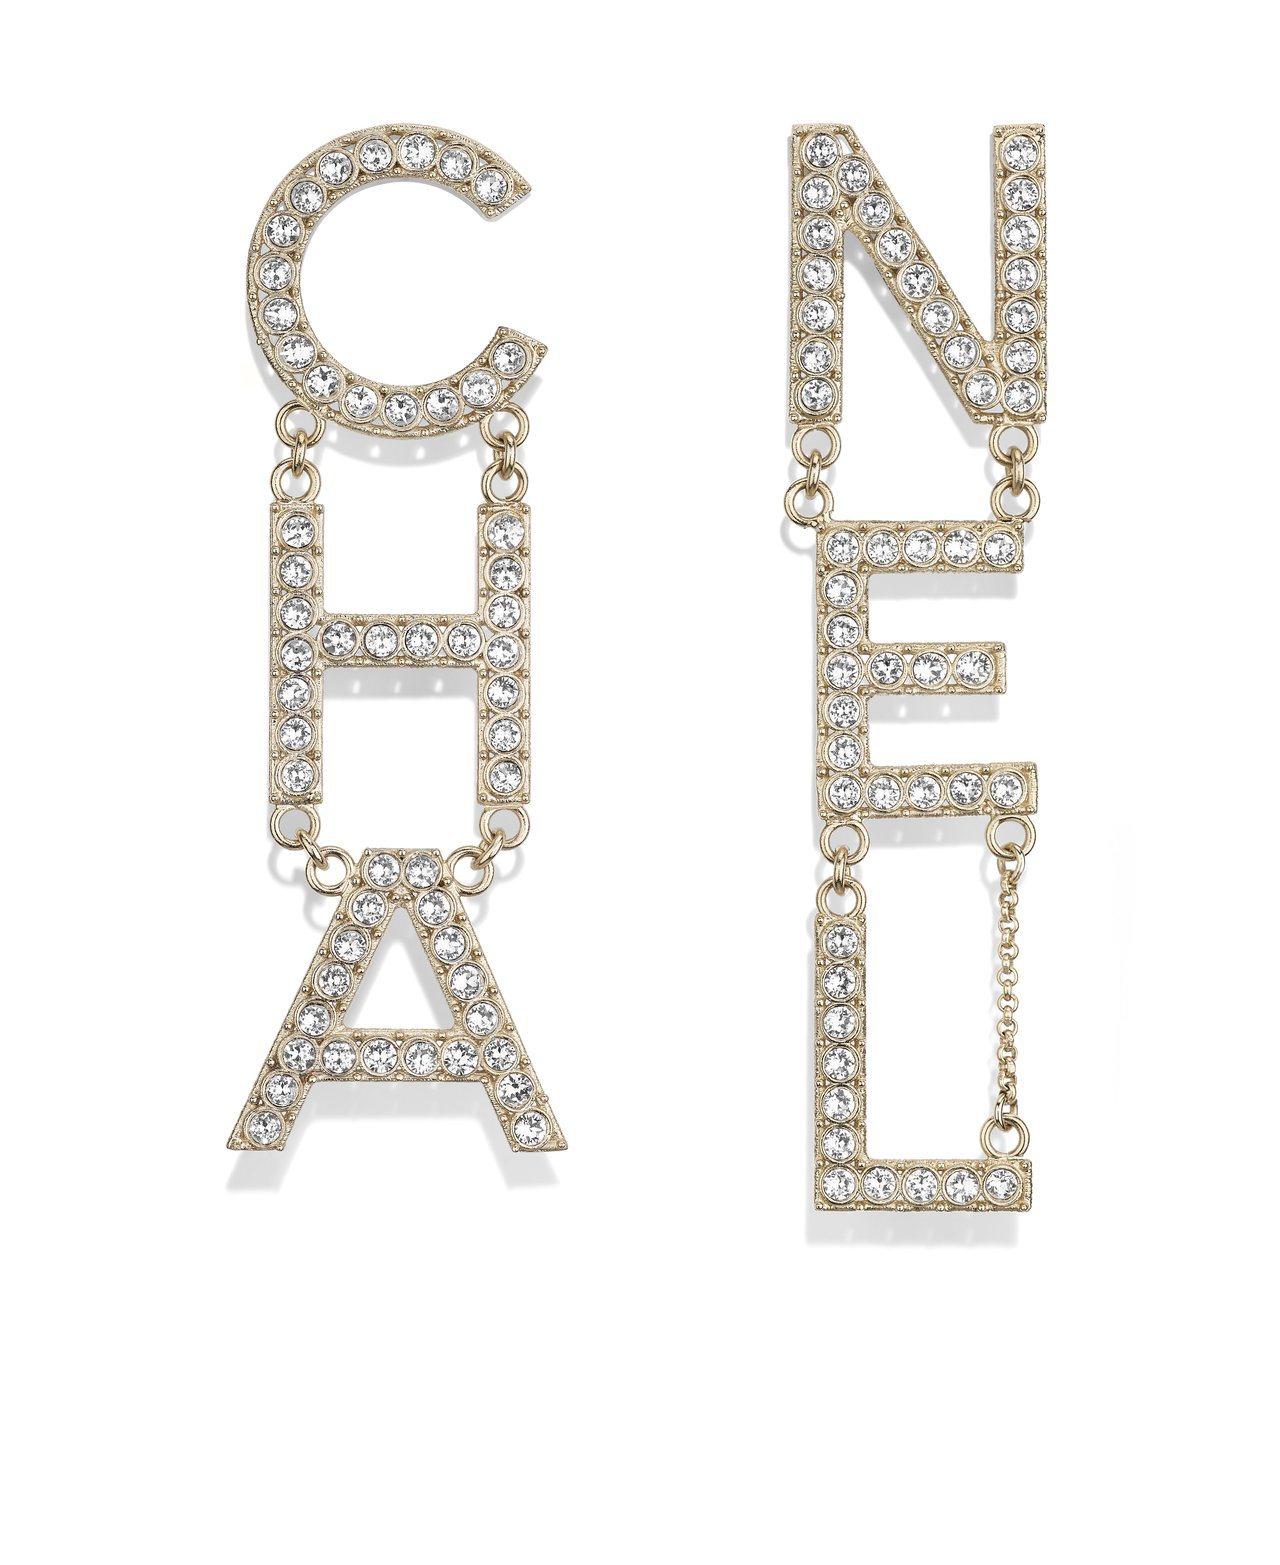 CHANEL水晶鑲飾字母耳環,31,200元。圖/香奈兒提供